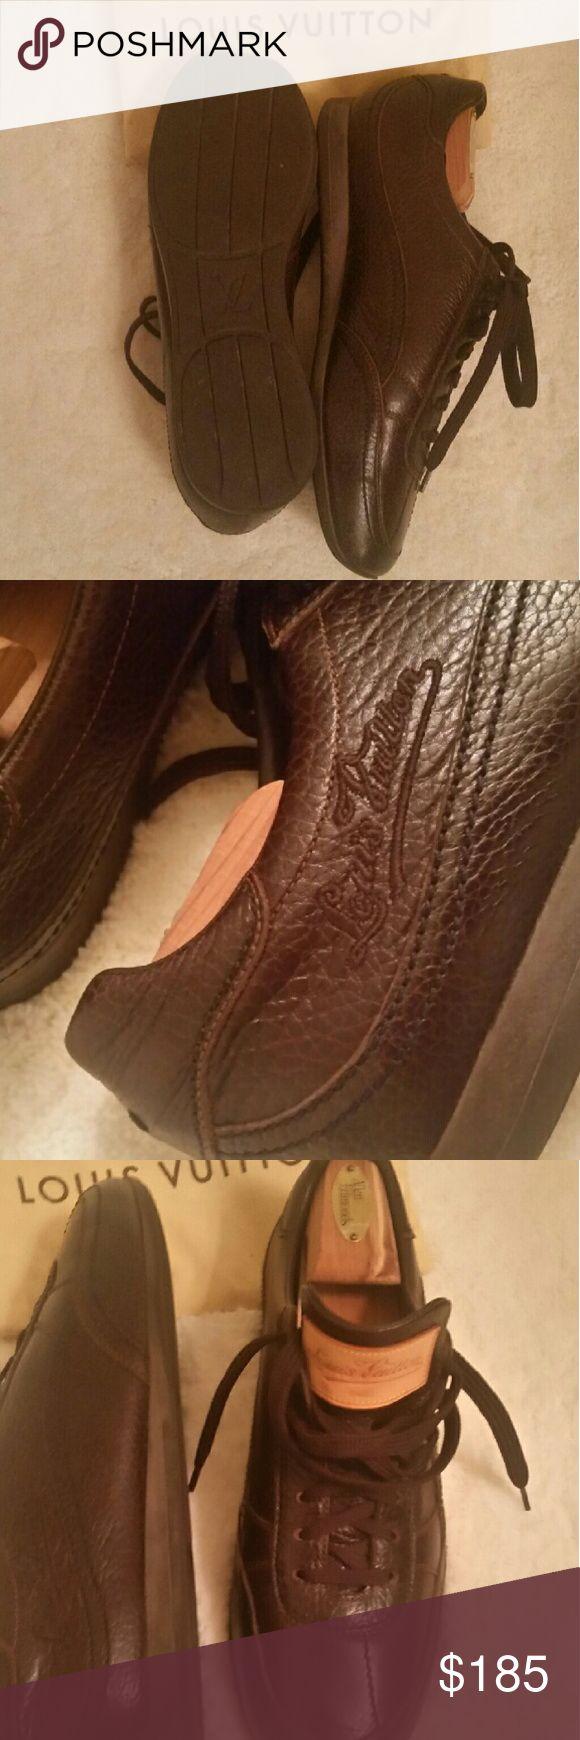 LOUIS VUITTON MEN SHOES *Authentic* Chocolate Louis Vuitton Shoes for men! Size 7, Like New! Louis Vuitton Shoes Sneakers